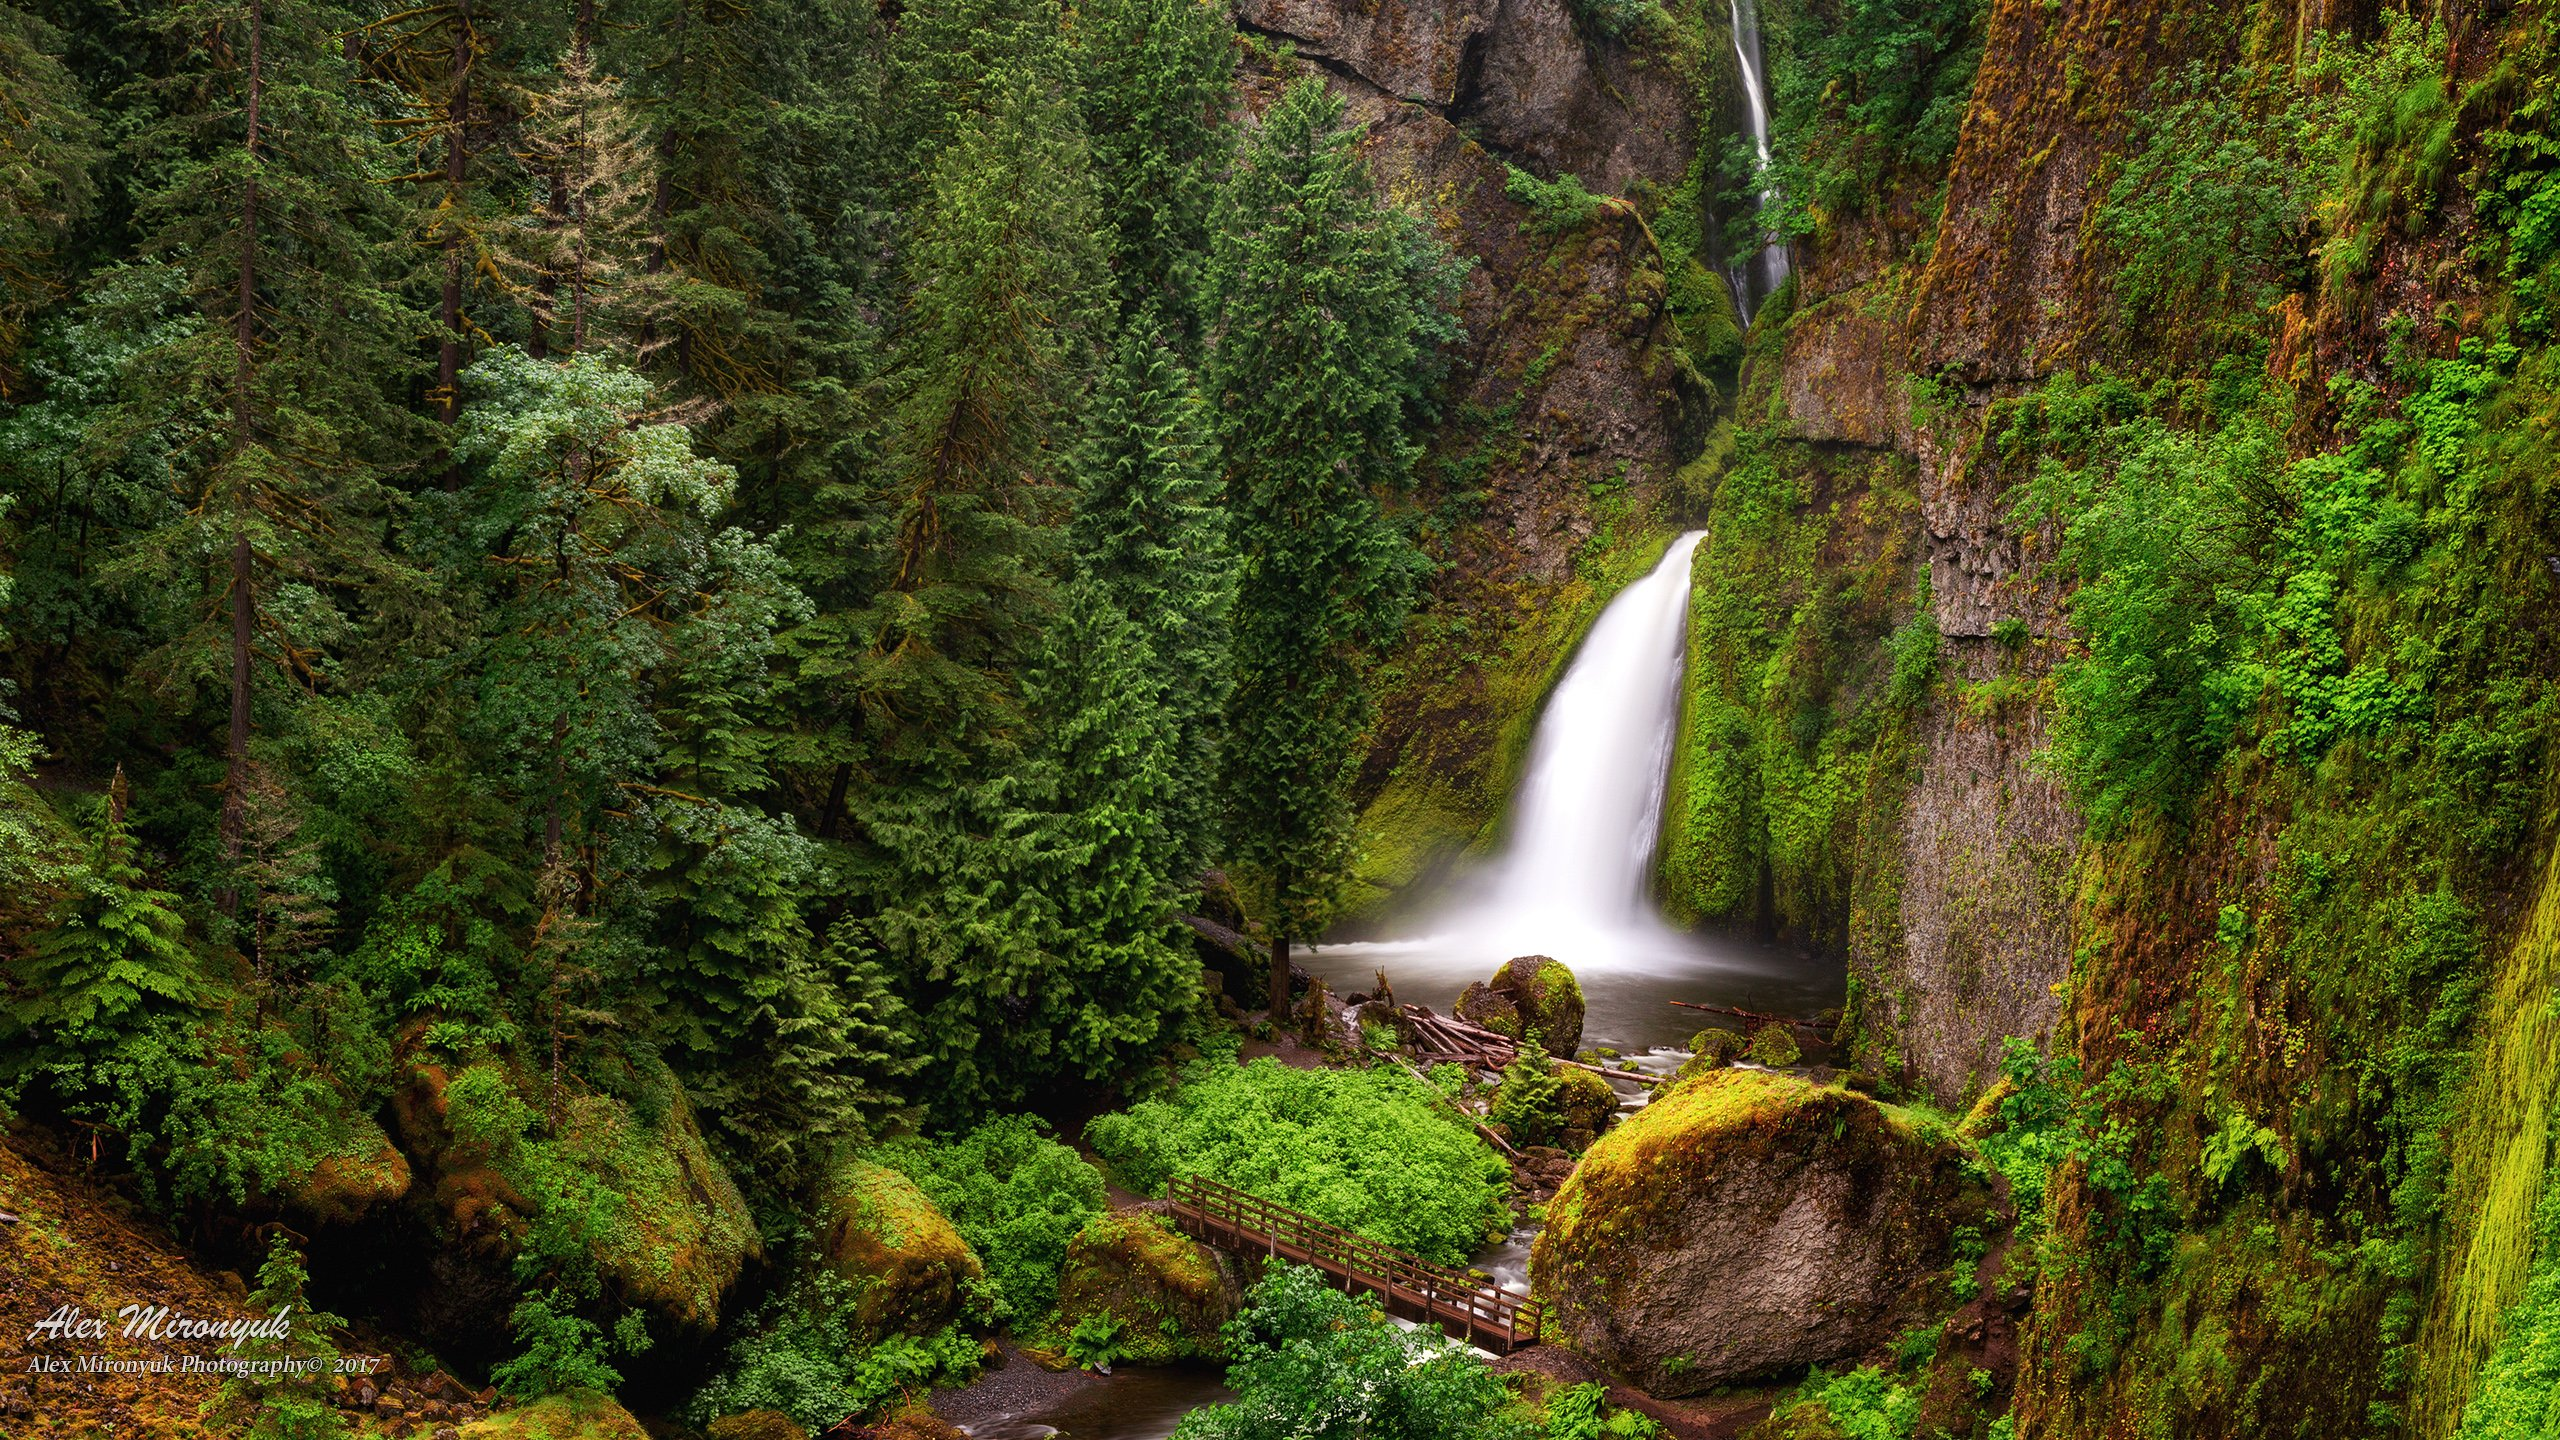 сша, орегон, водопад, пейзаж, лес, скала, горы, ущелье, мох, мост, река, ручей, вода,, Alex Mironyuk